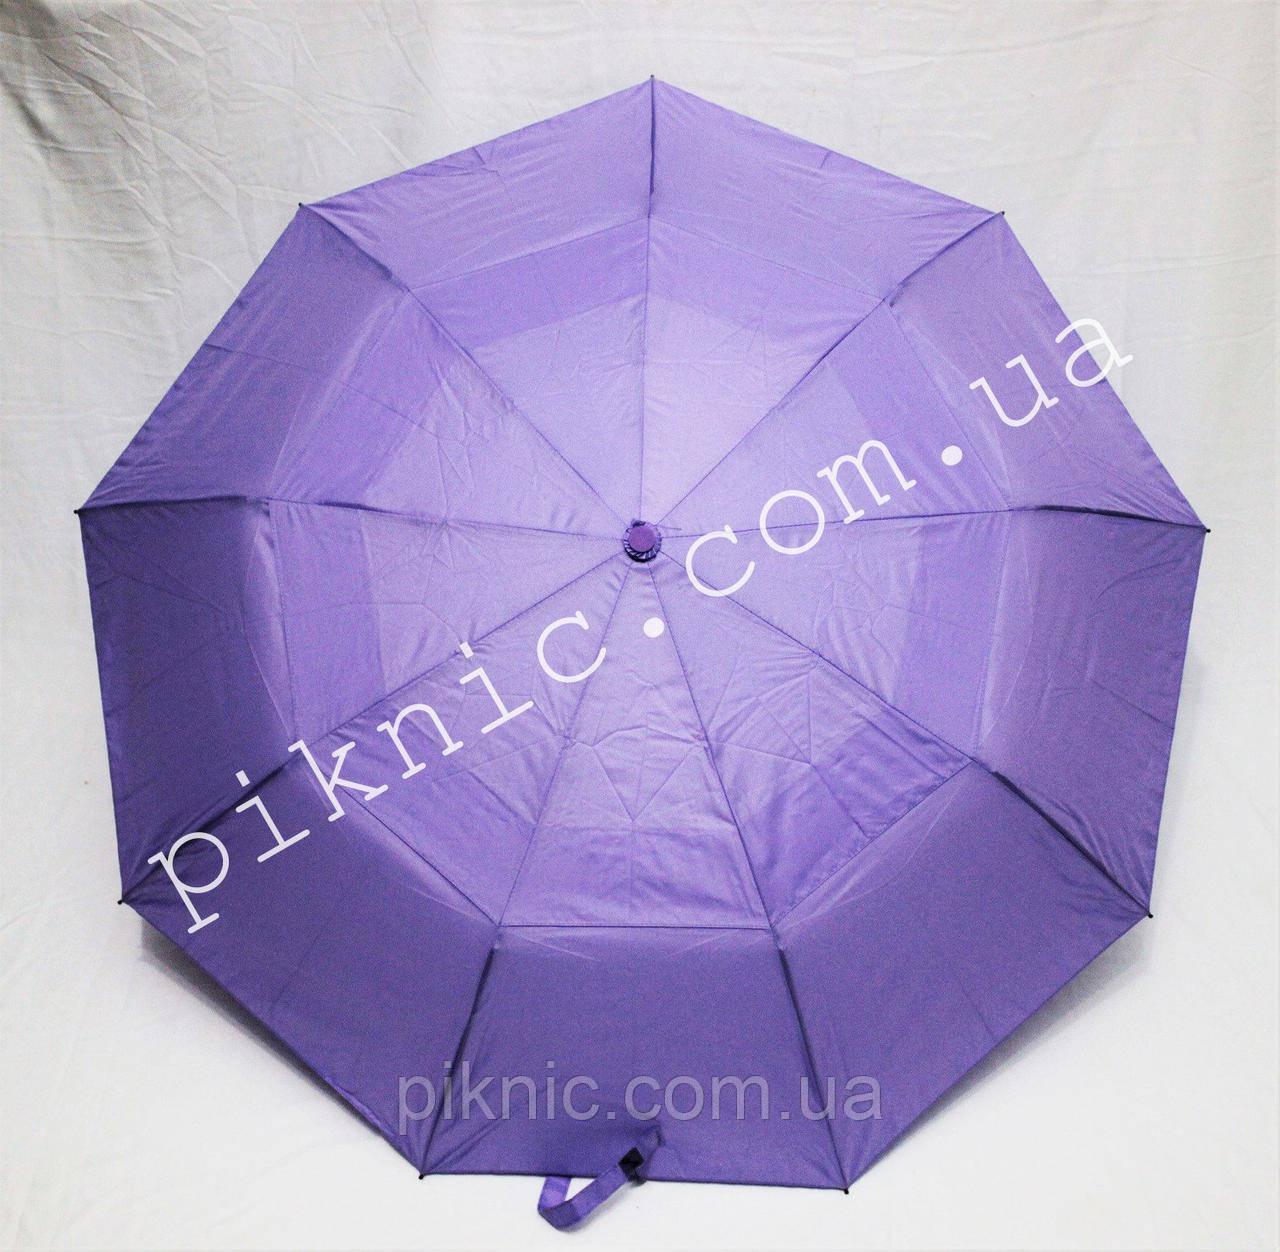 Женский зонт складной с ветровым клапаном полуавтомат. Зонтик от дождя. Сиреневый